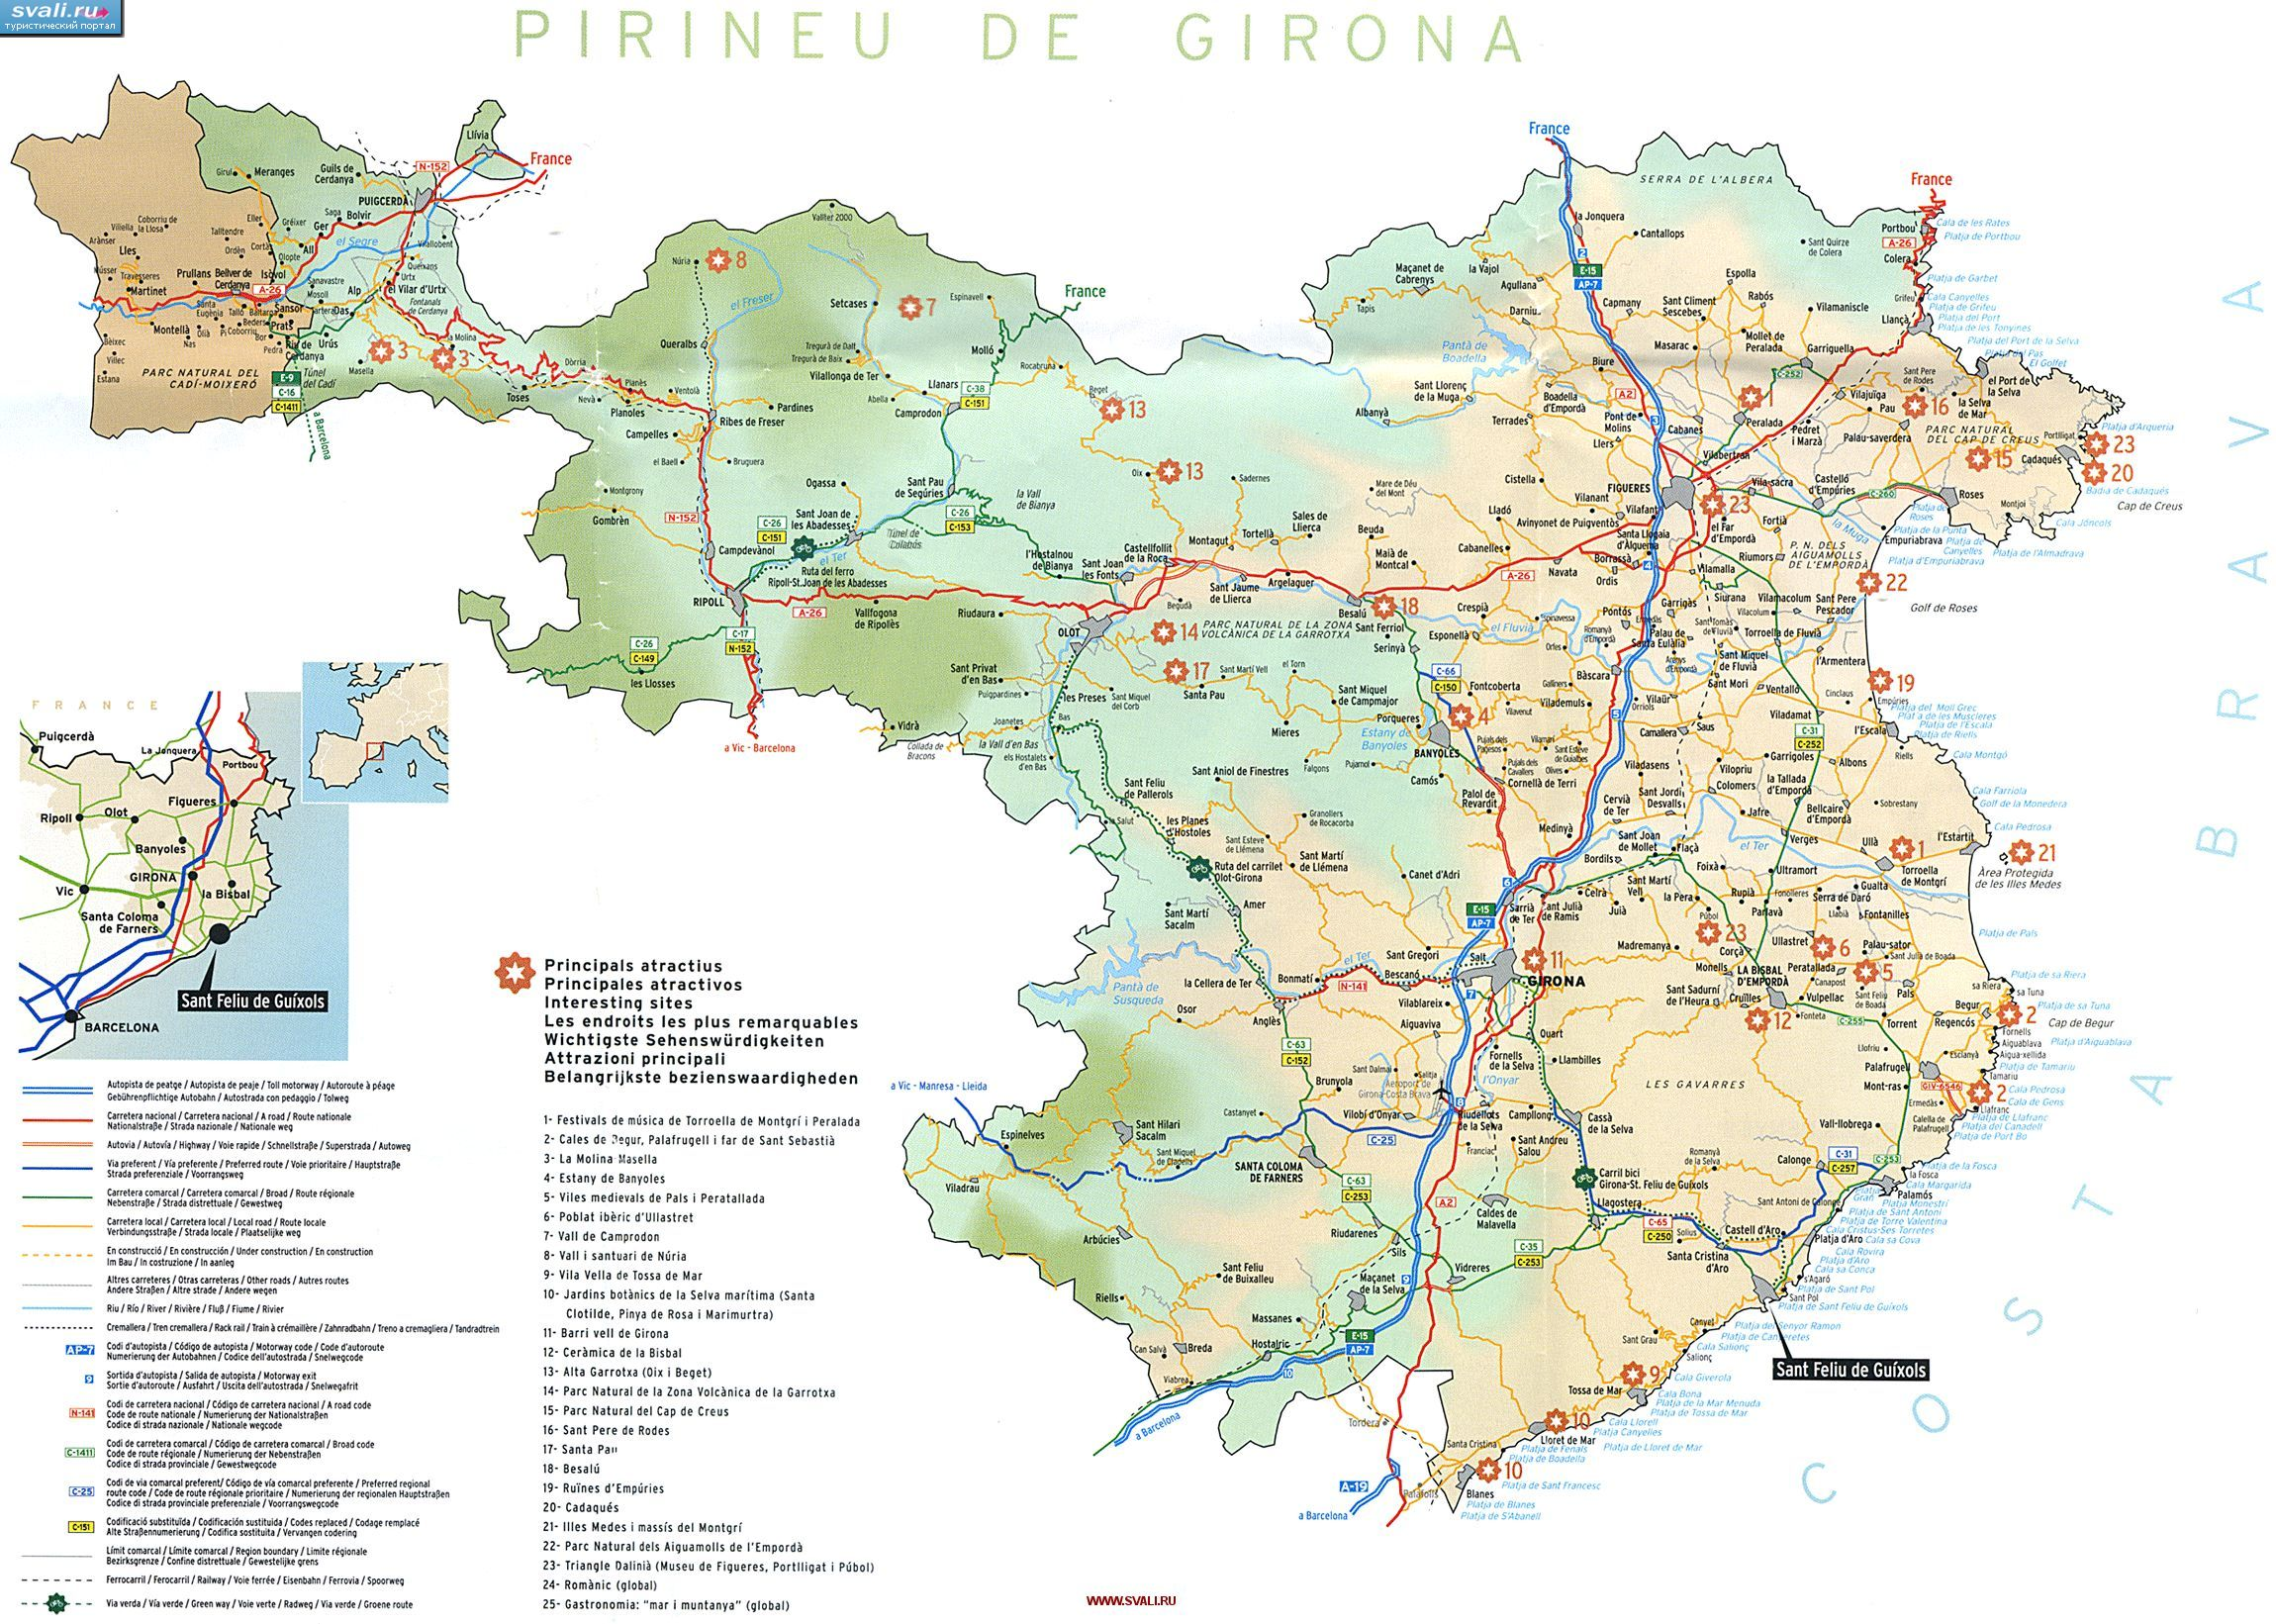 Karty Karta Provincii Zhirona Kataloniya Ispaniya Isp